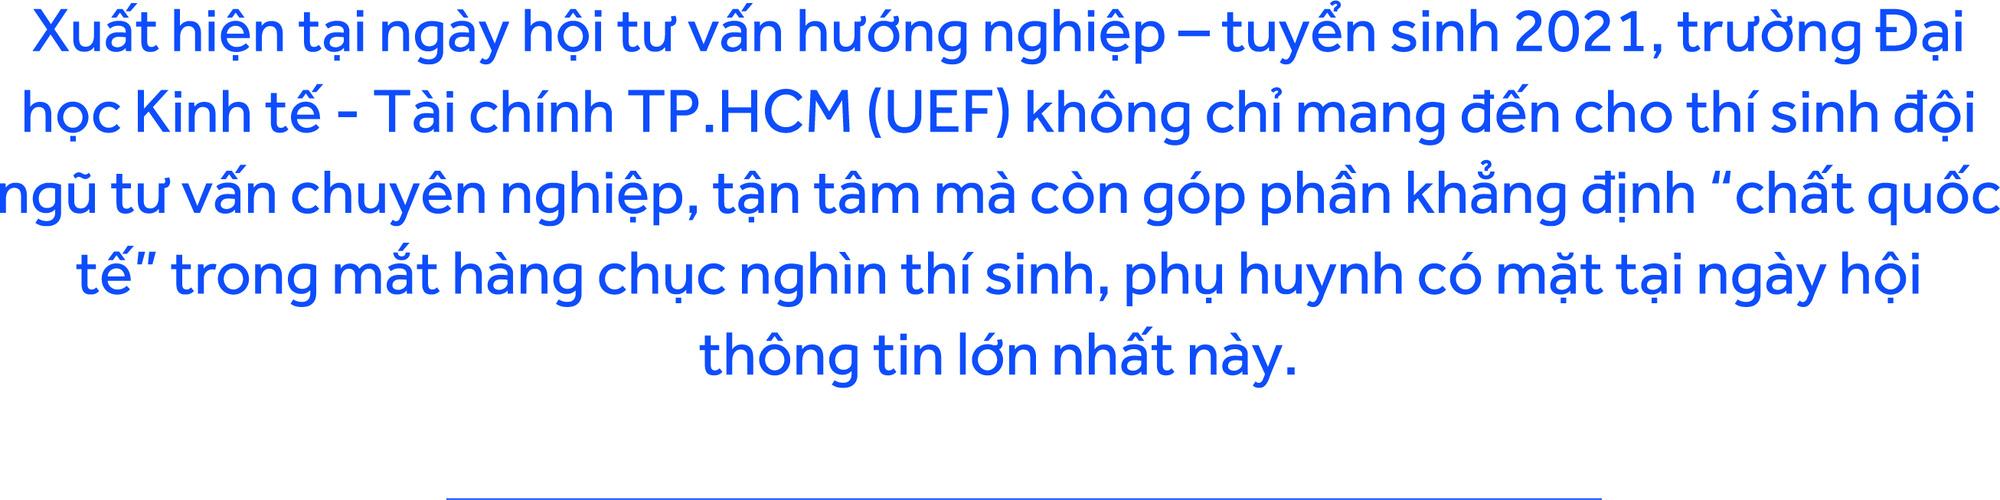 Màu sắc song ngữ, quốc tế: UEF hút thí sinh, phụ huynh - Ảnh 1.